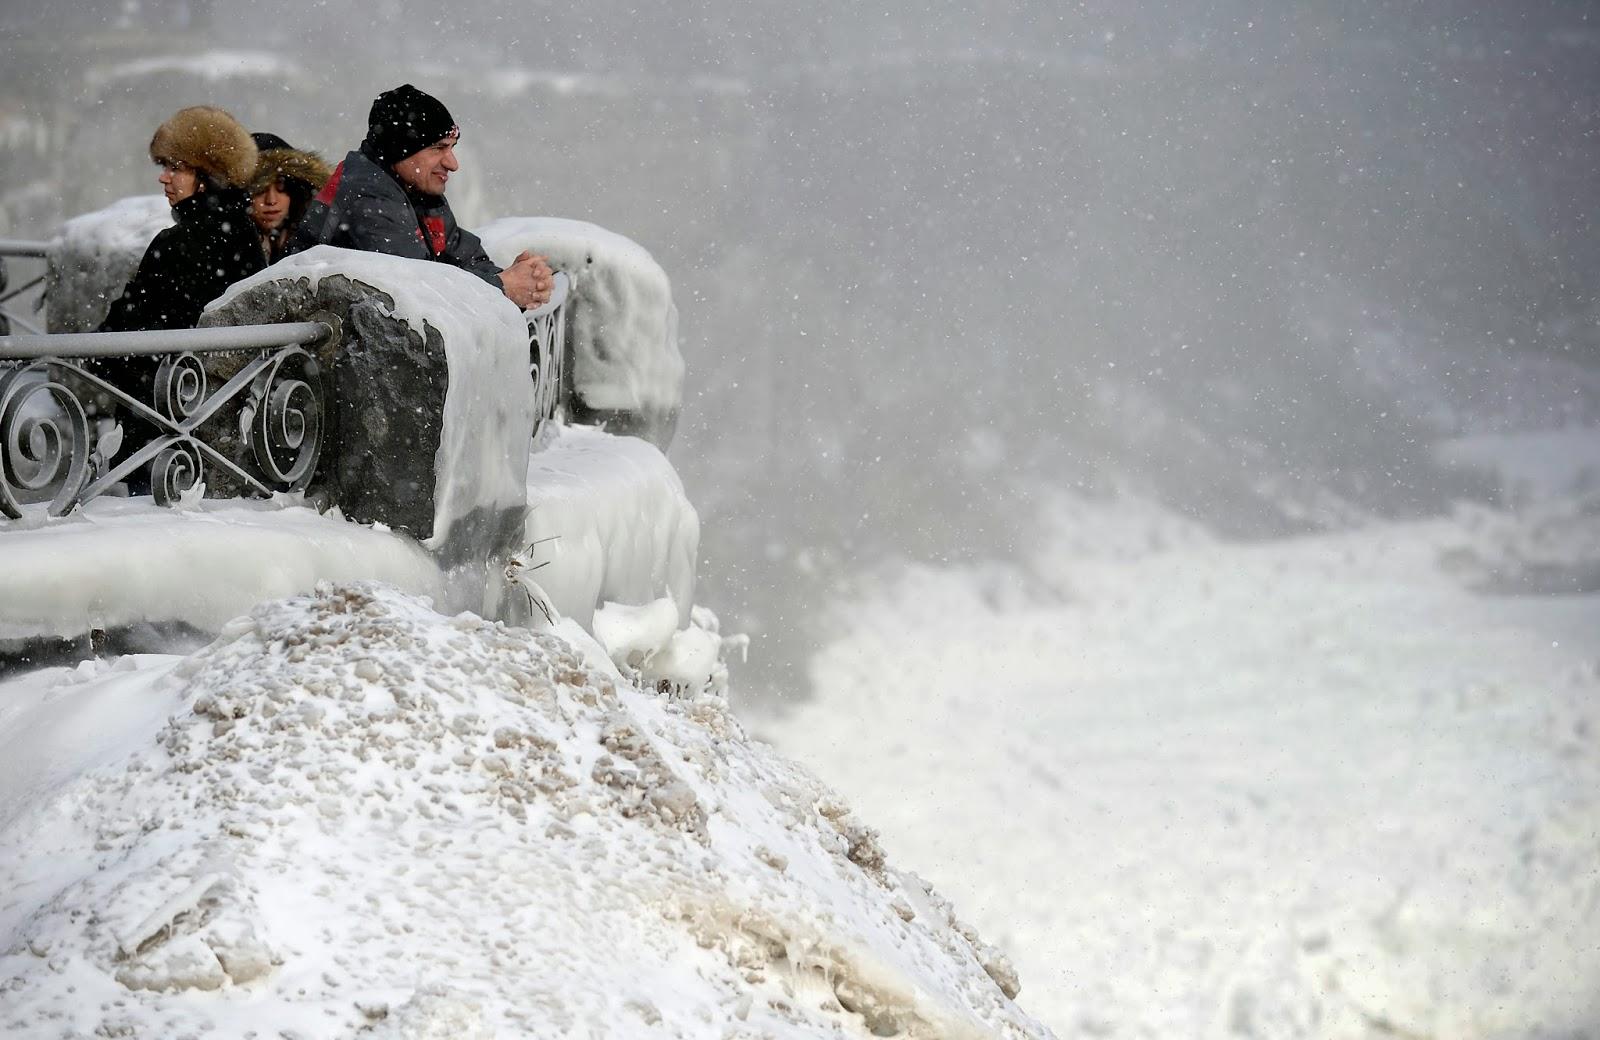 Kanada, USA, időjárás, tél, hidegrekord, Niagara-vízesés,